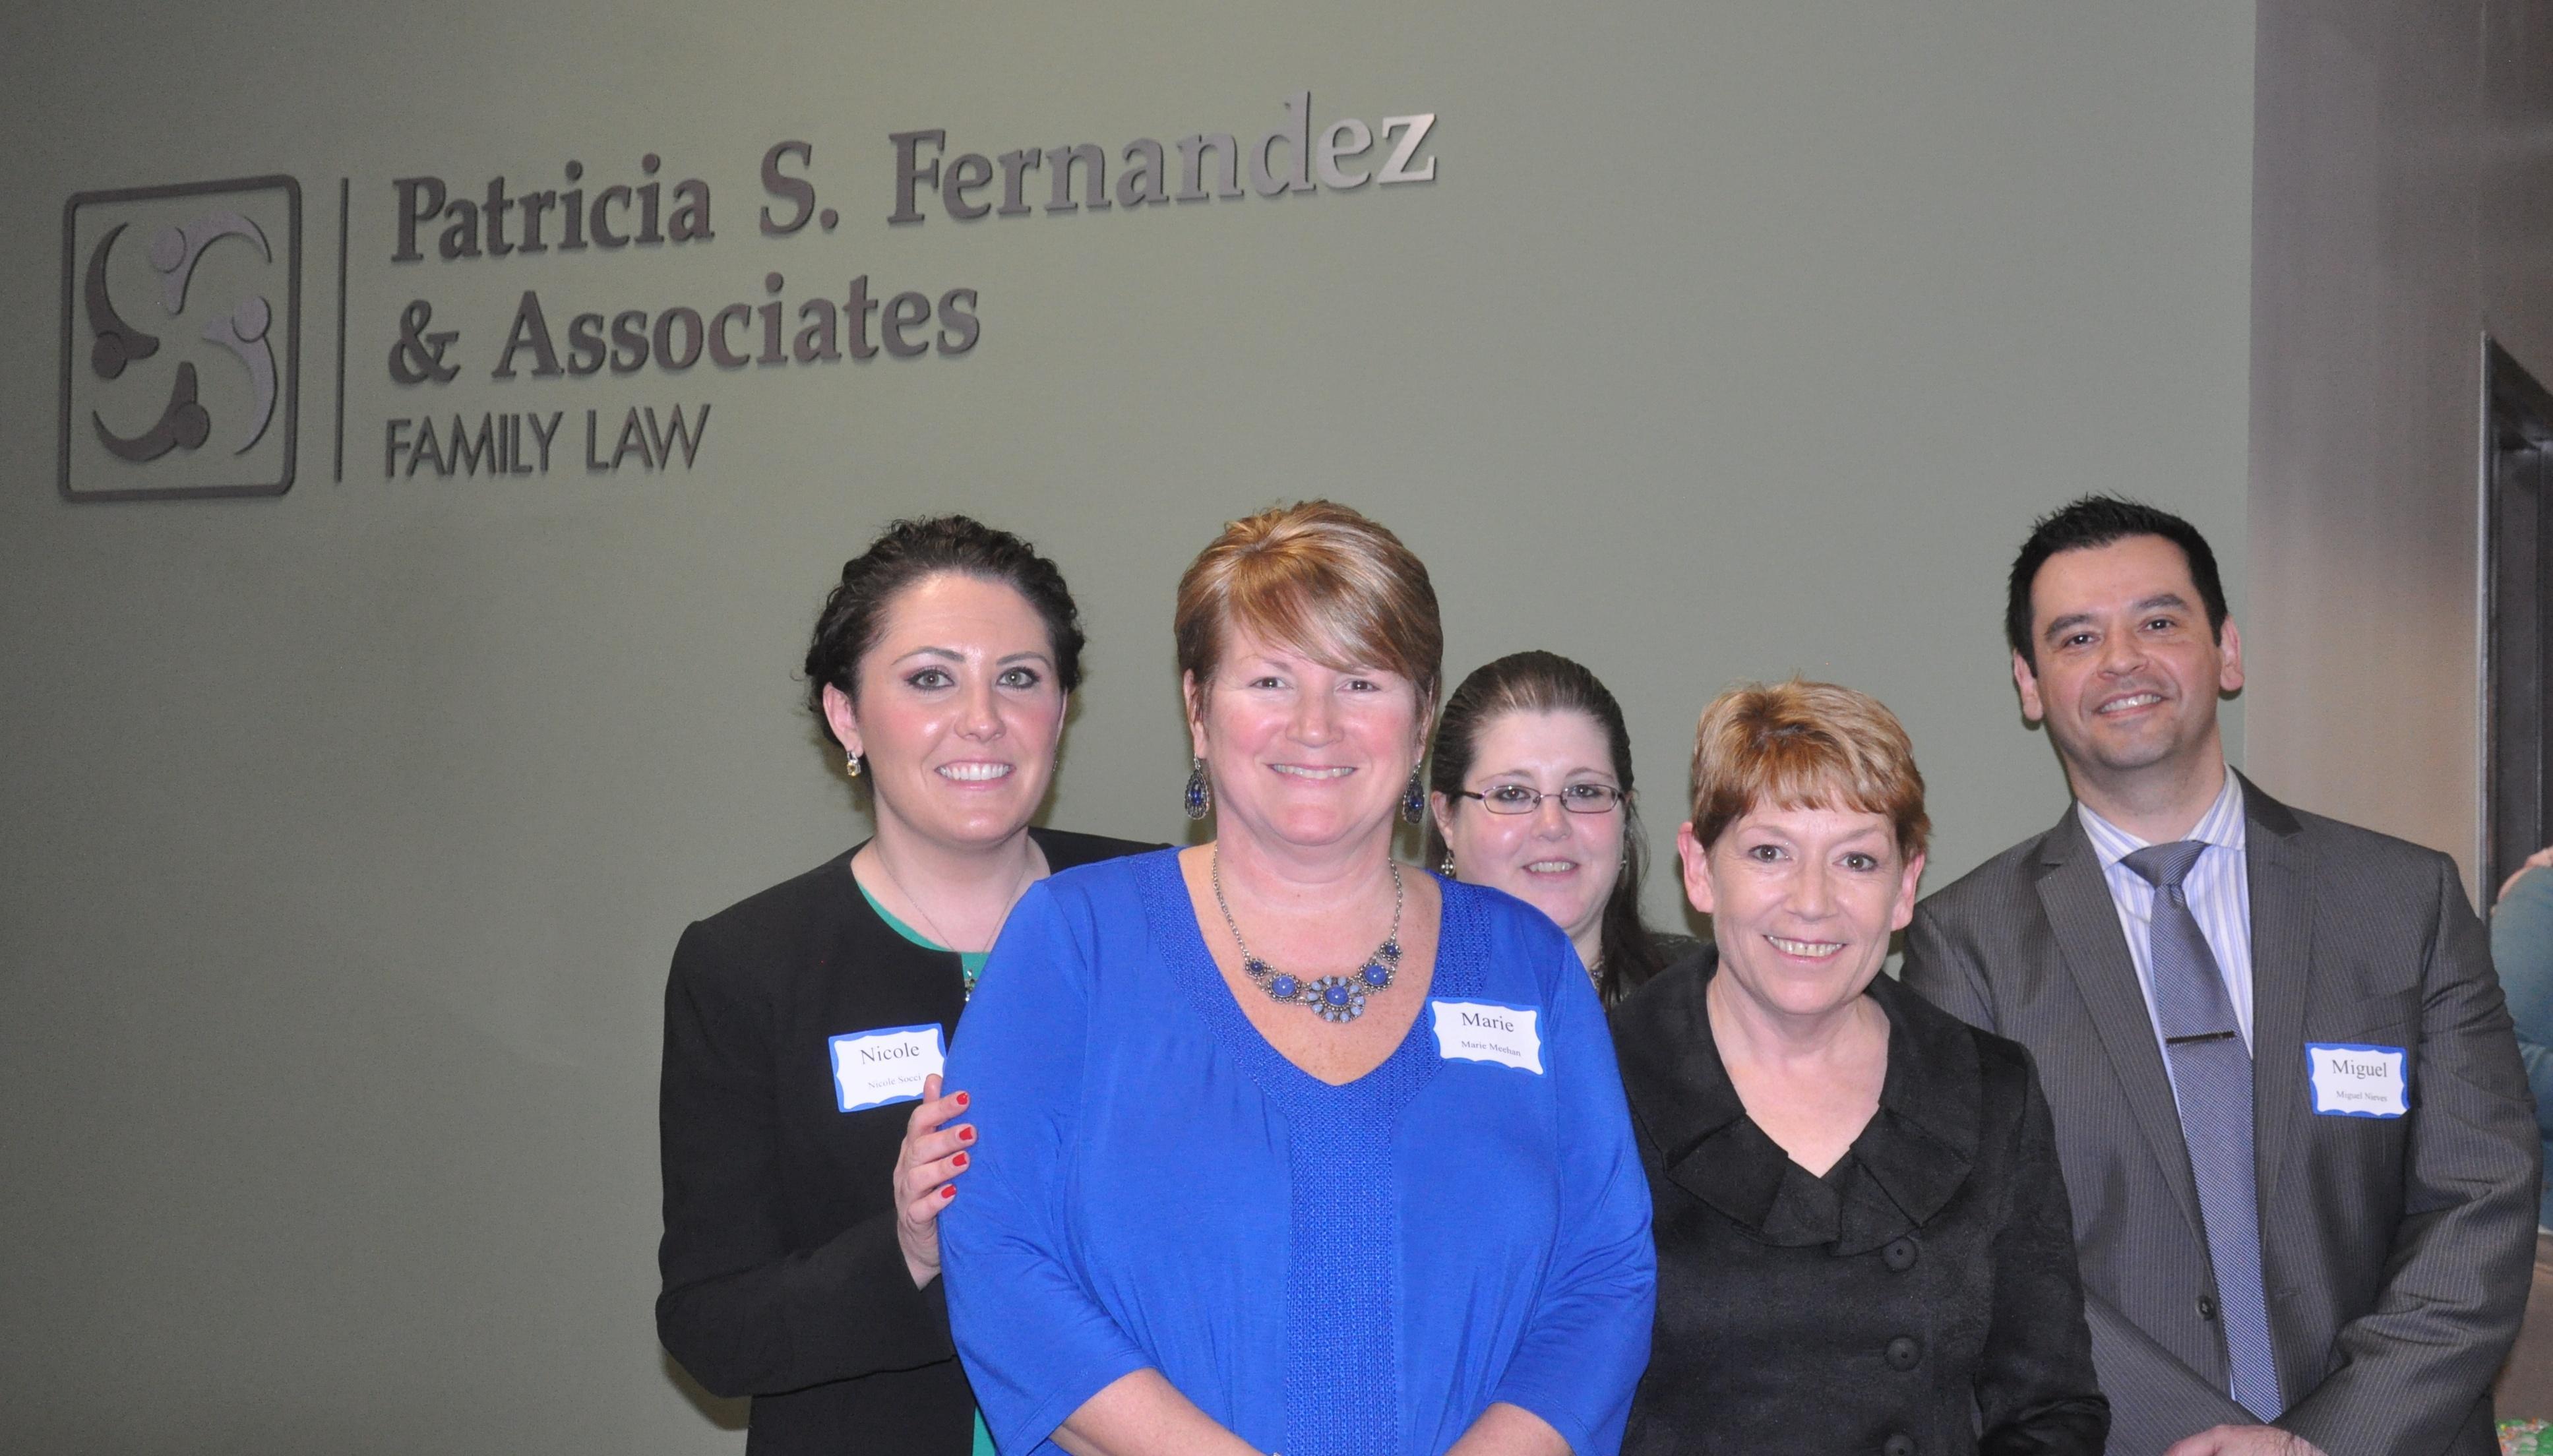 Patricia S Fernandez Esq image 1